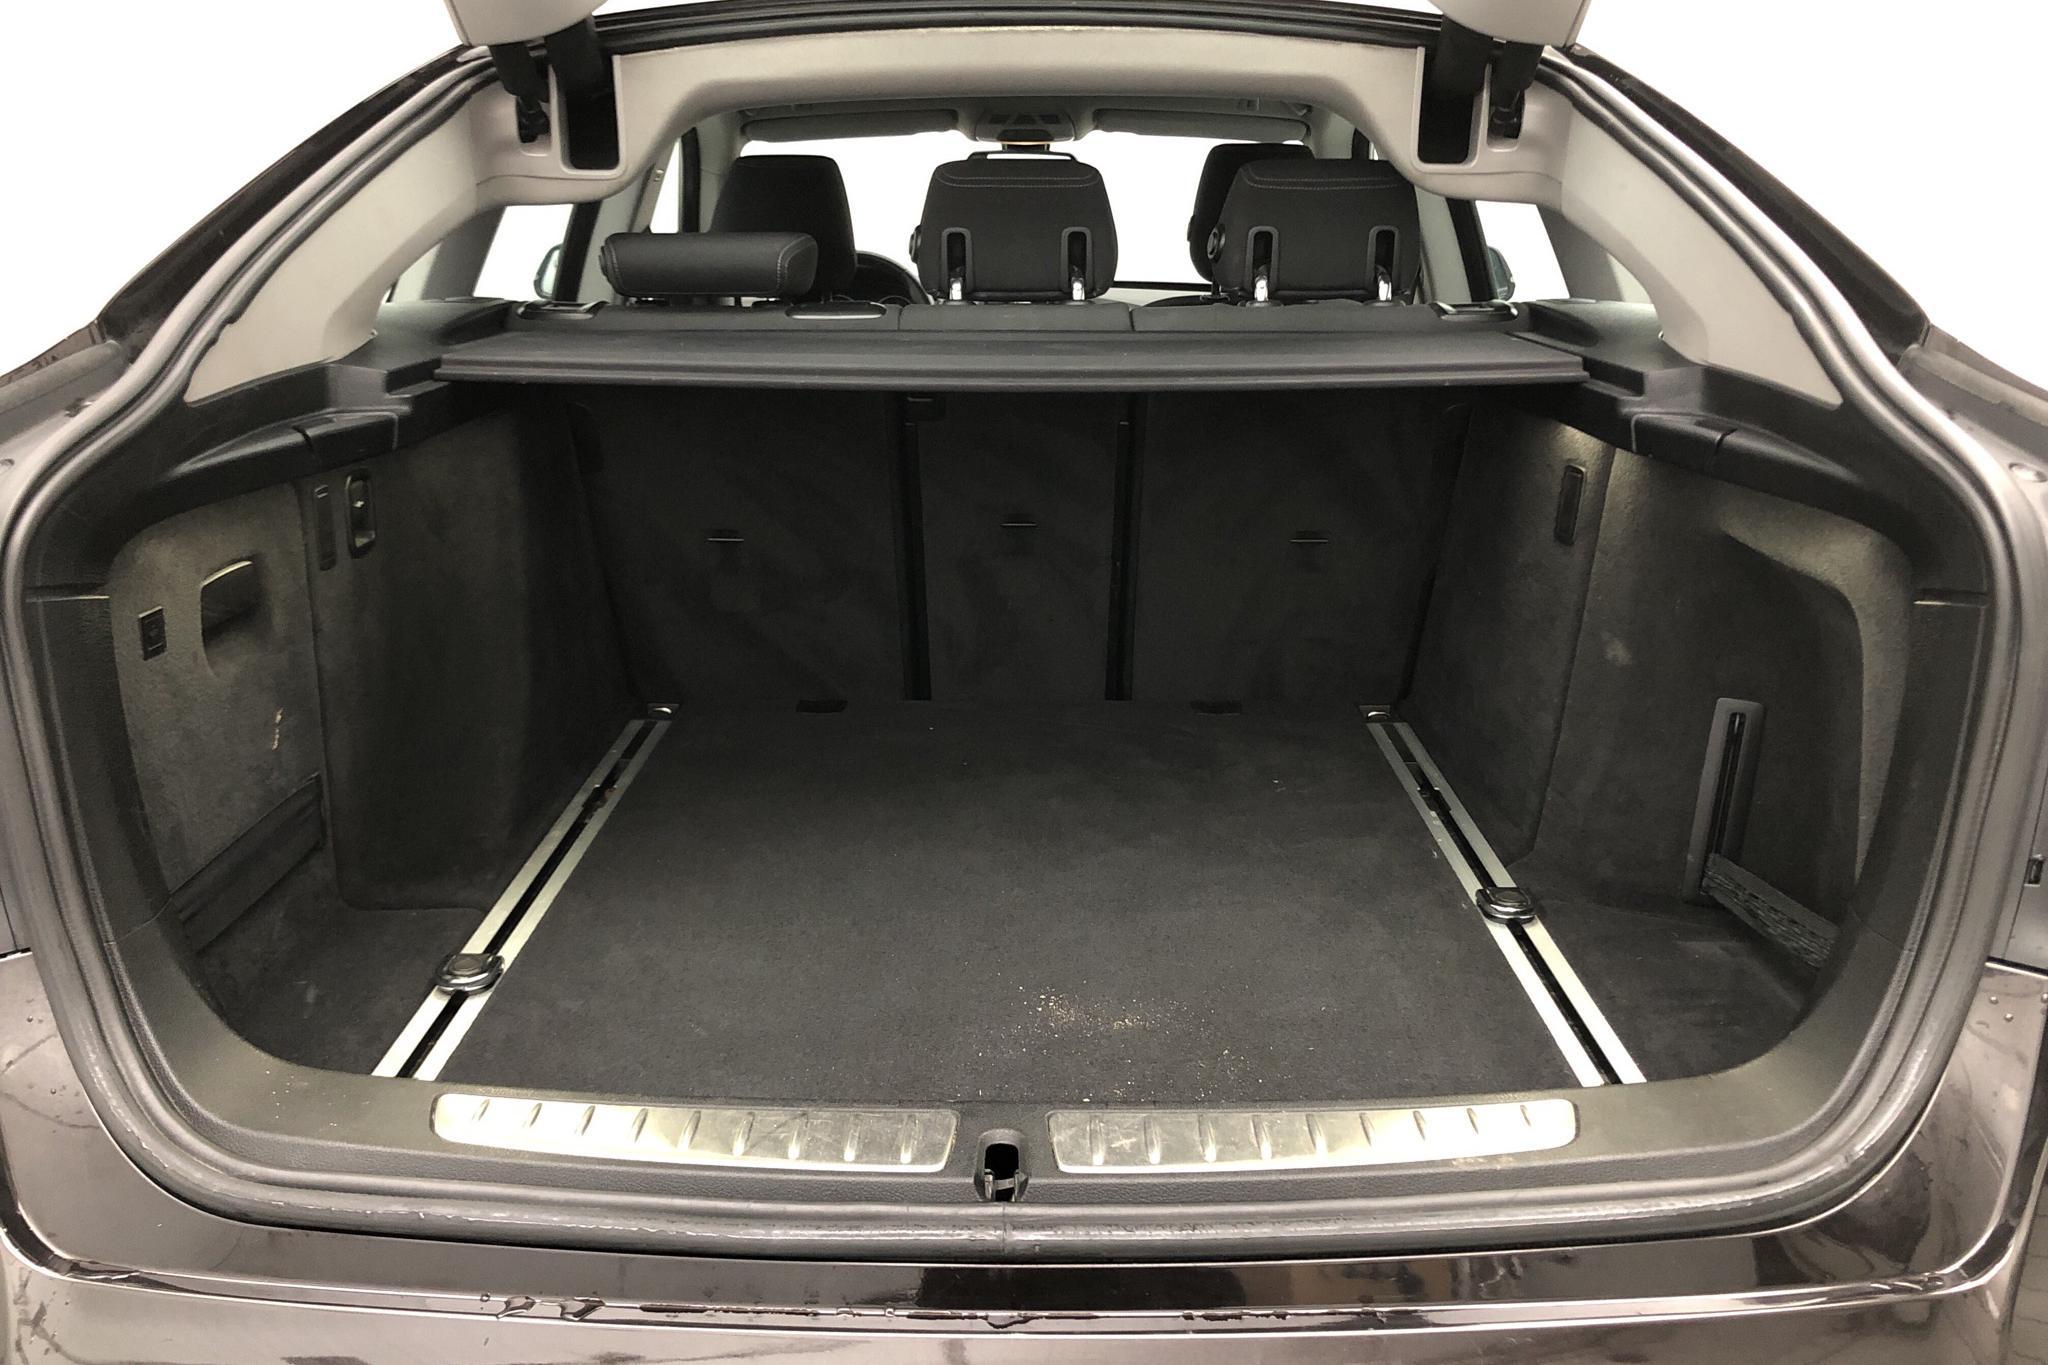 BMW 320d GT, F34 (184hk) - 93 590 km - Automatic - brown - 2014